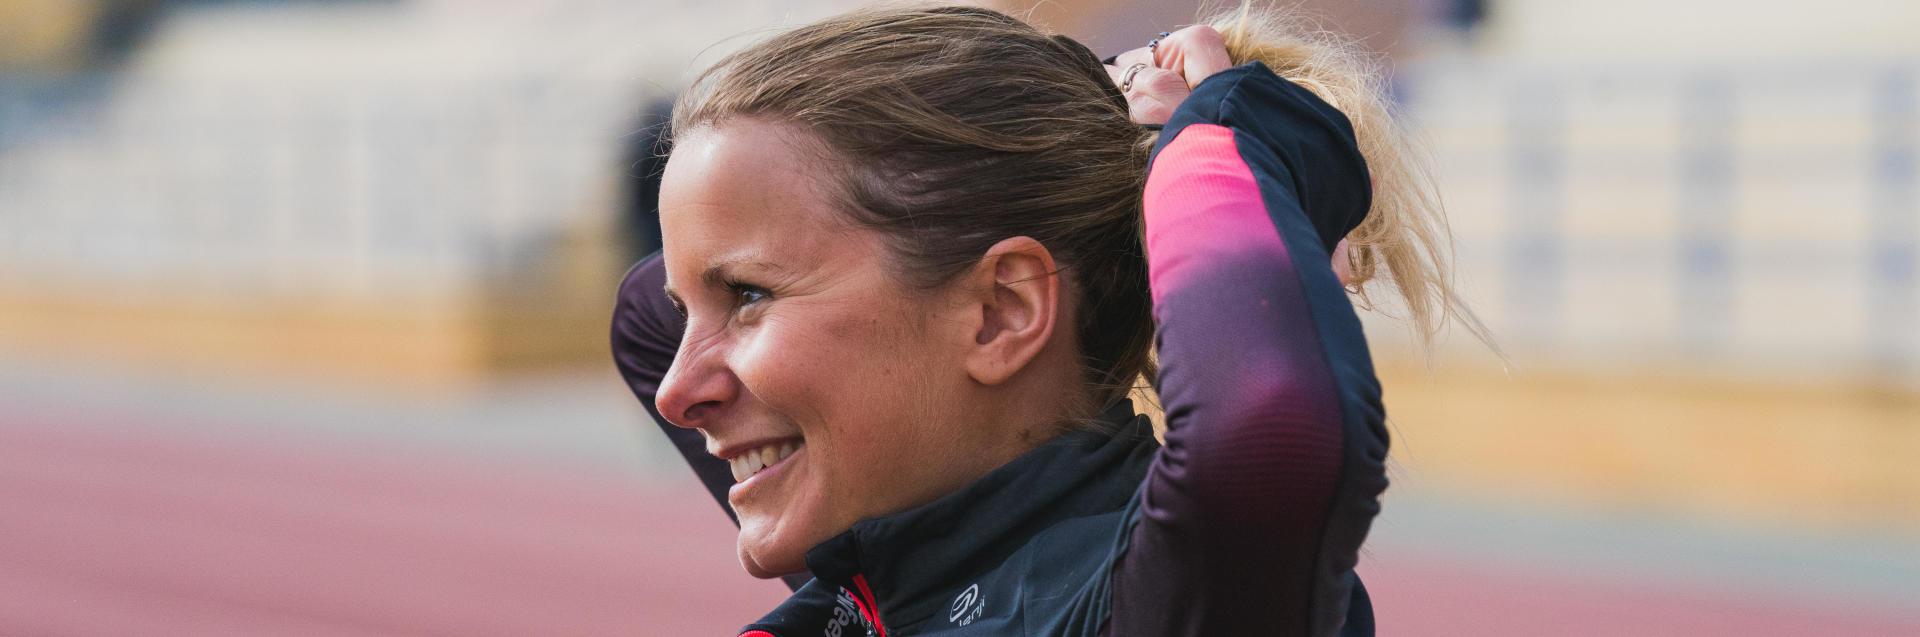 Emilie Menuet, championne de France du 20km Marche Athletique